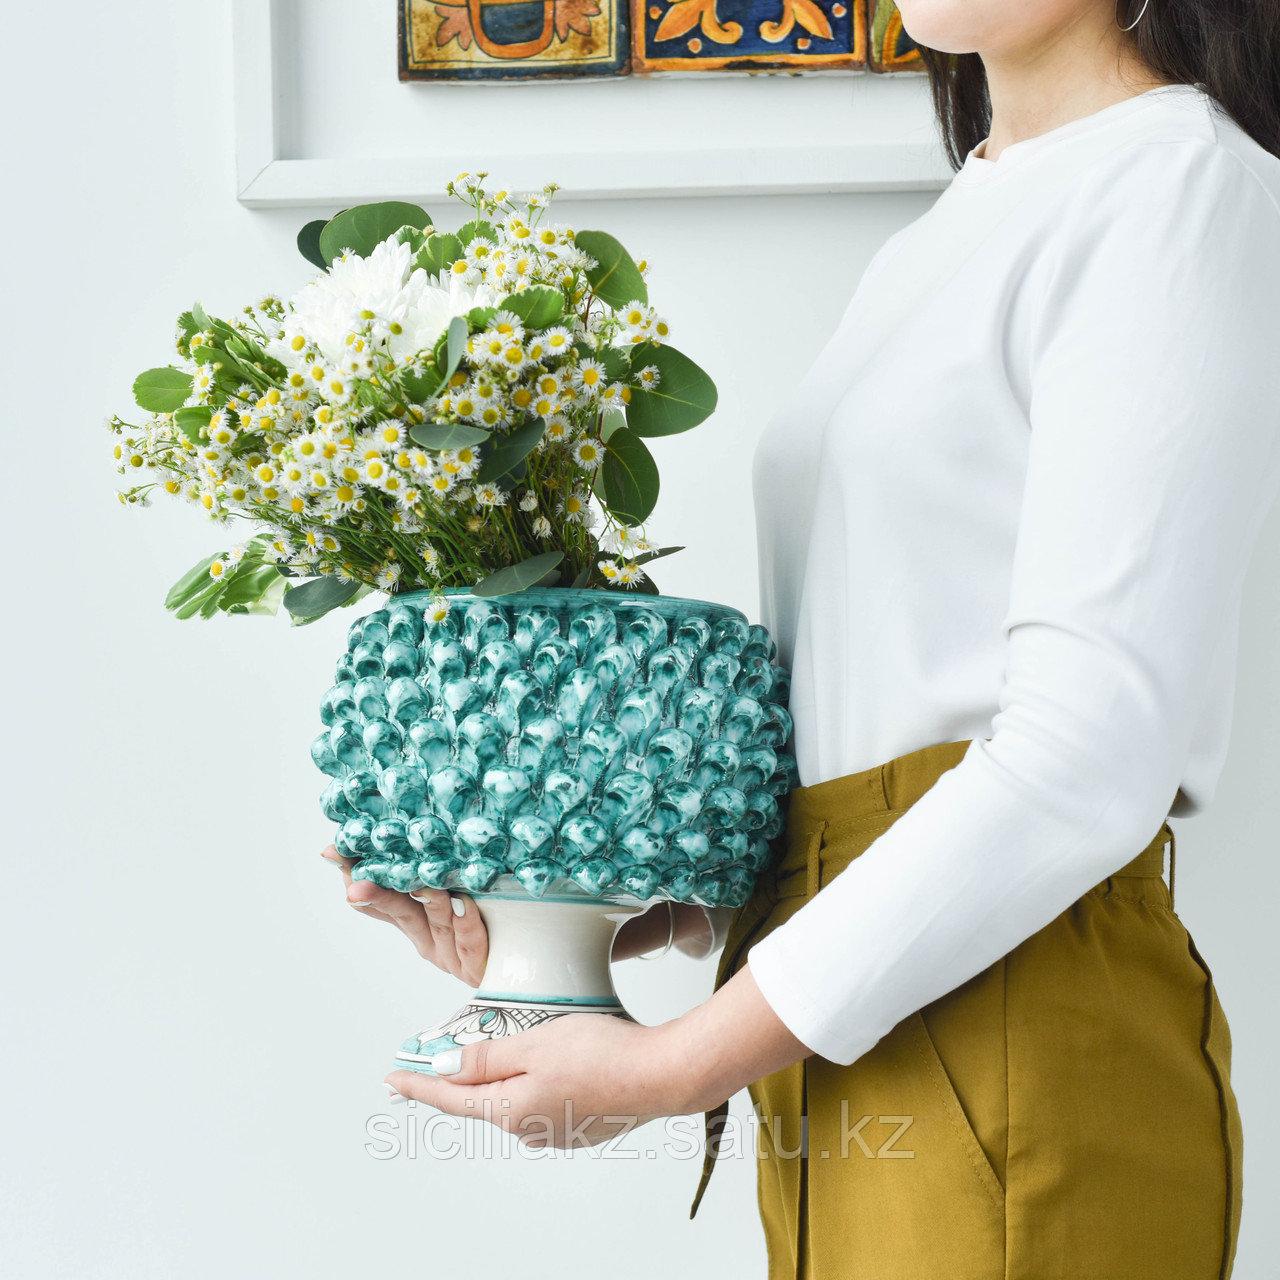 Декоративная Ваза Пигна ручной работы, керамика. Италия - фото 6